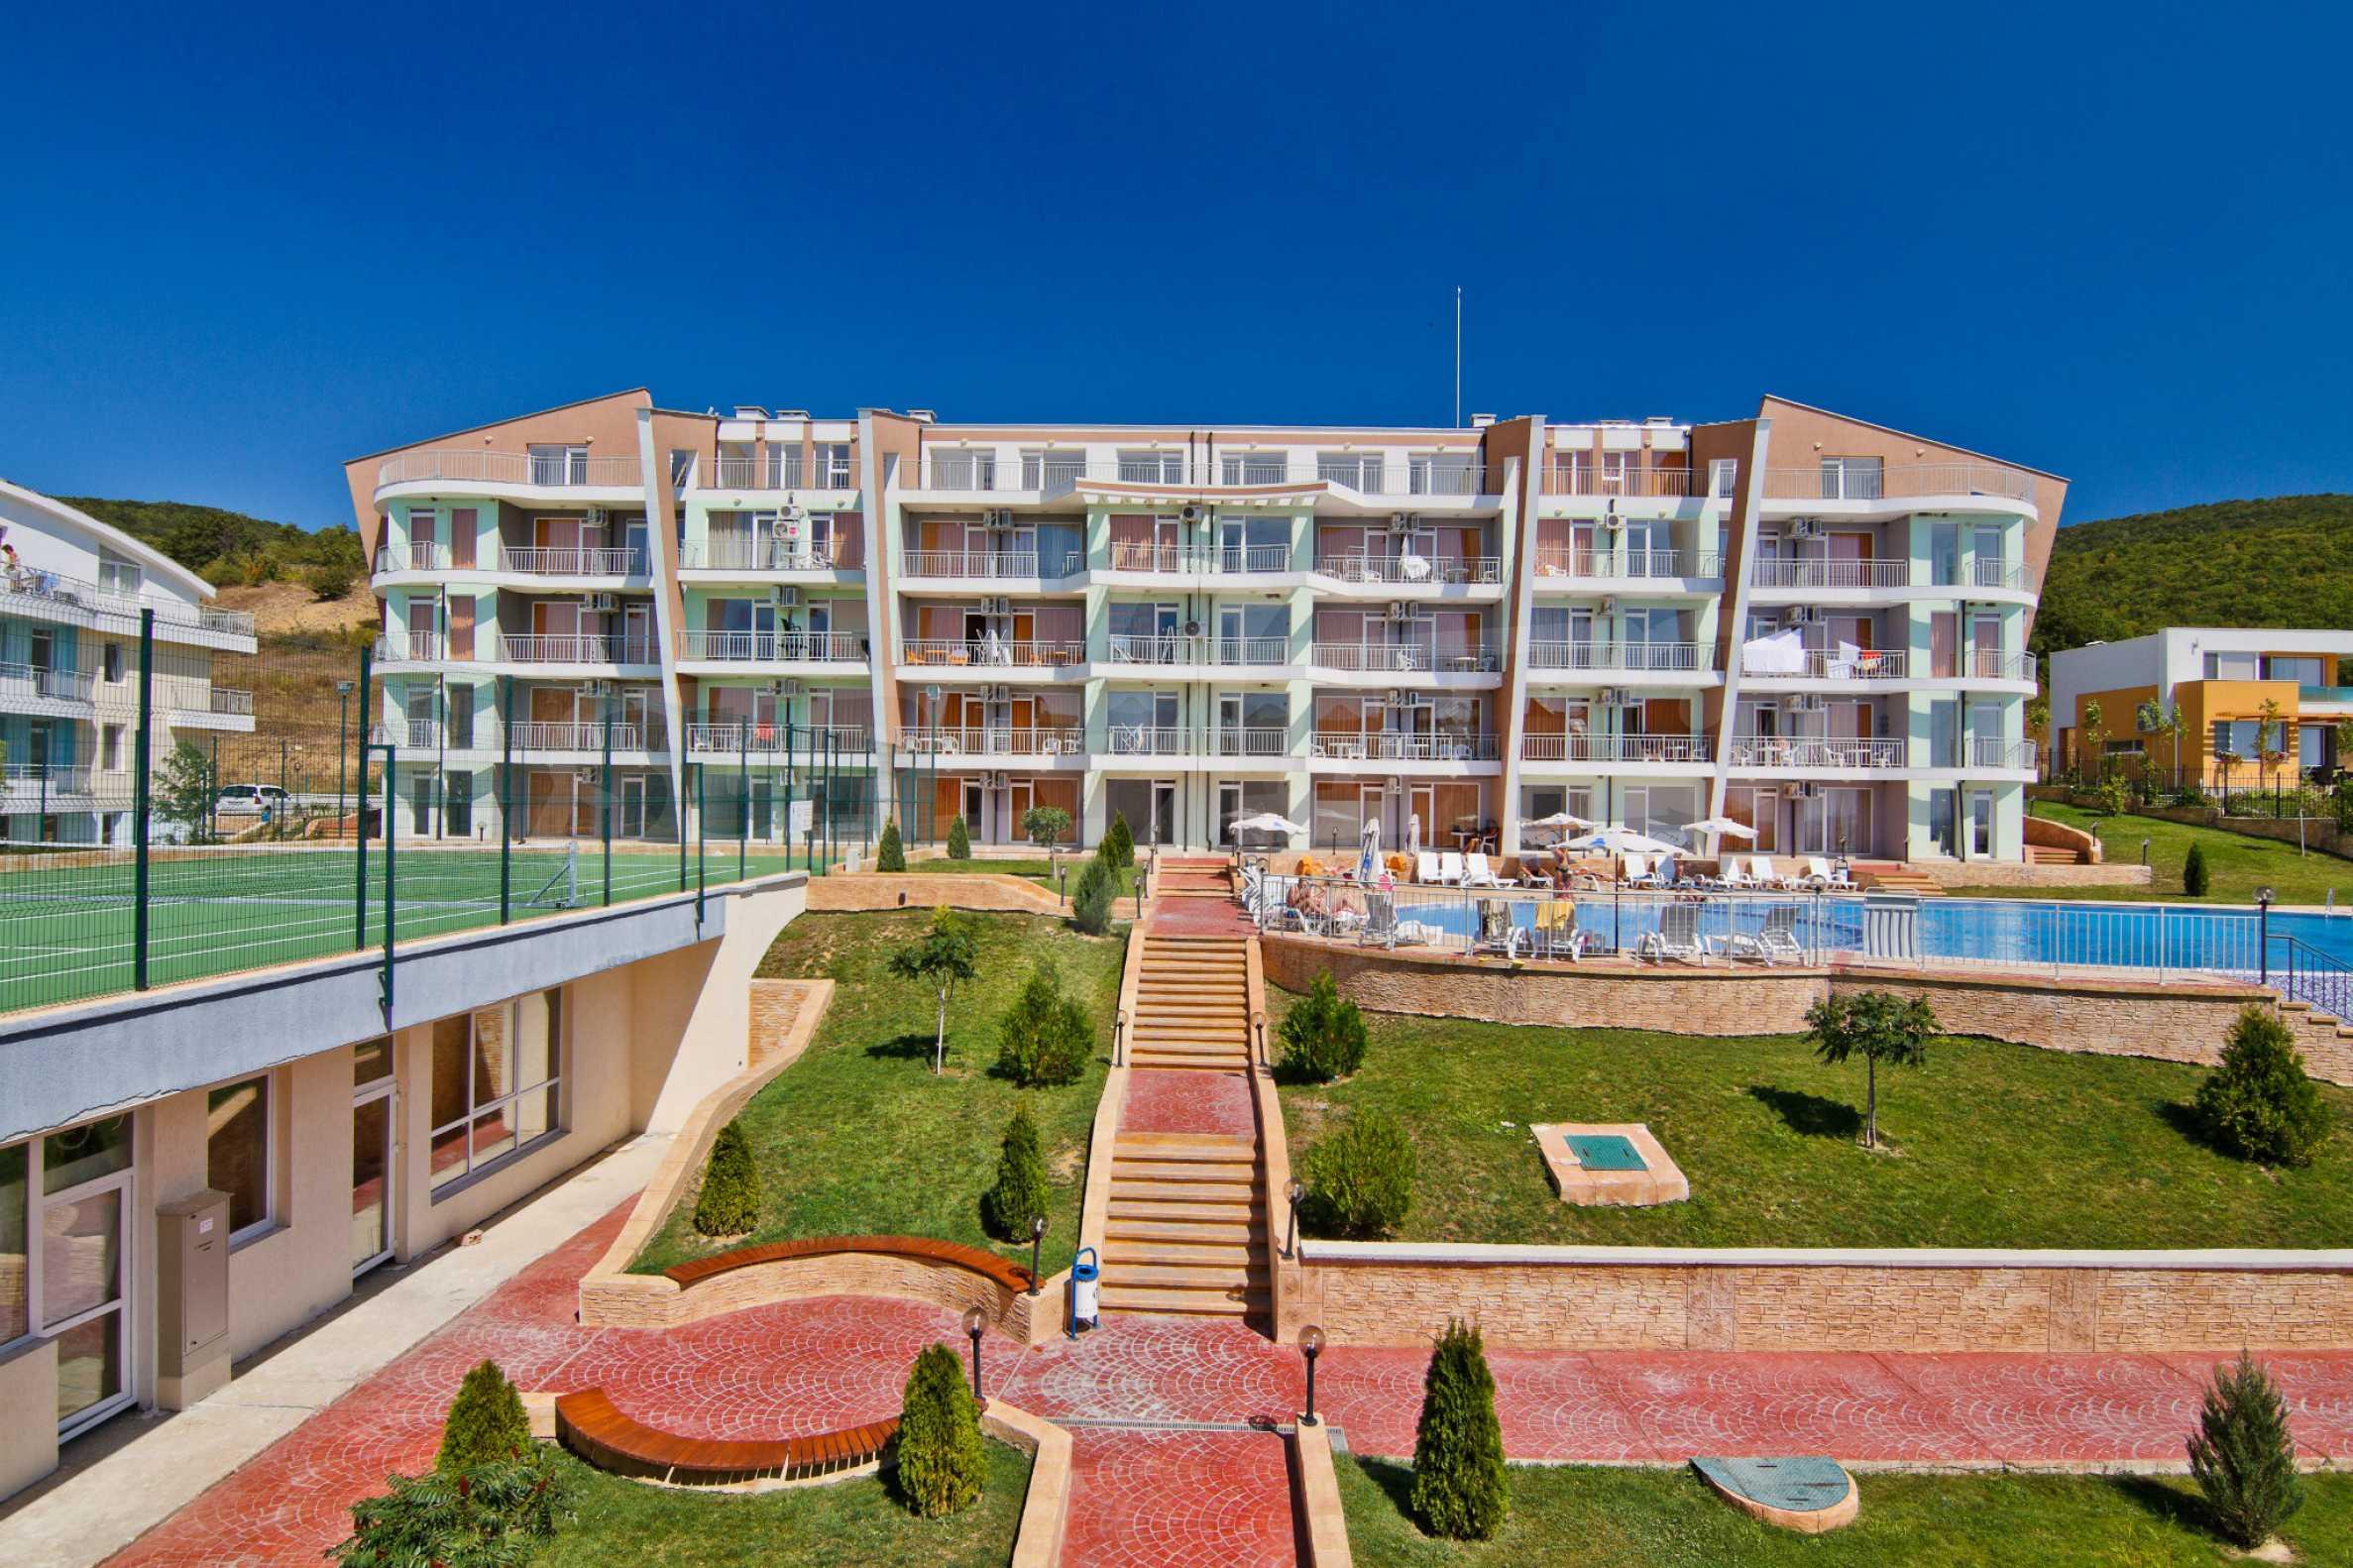 Sunset Kosharitsa - Apartments in einem attraktiven Berg- und Seekomplex, 5 Autominuten vom Sonnenstrand entfernt 7